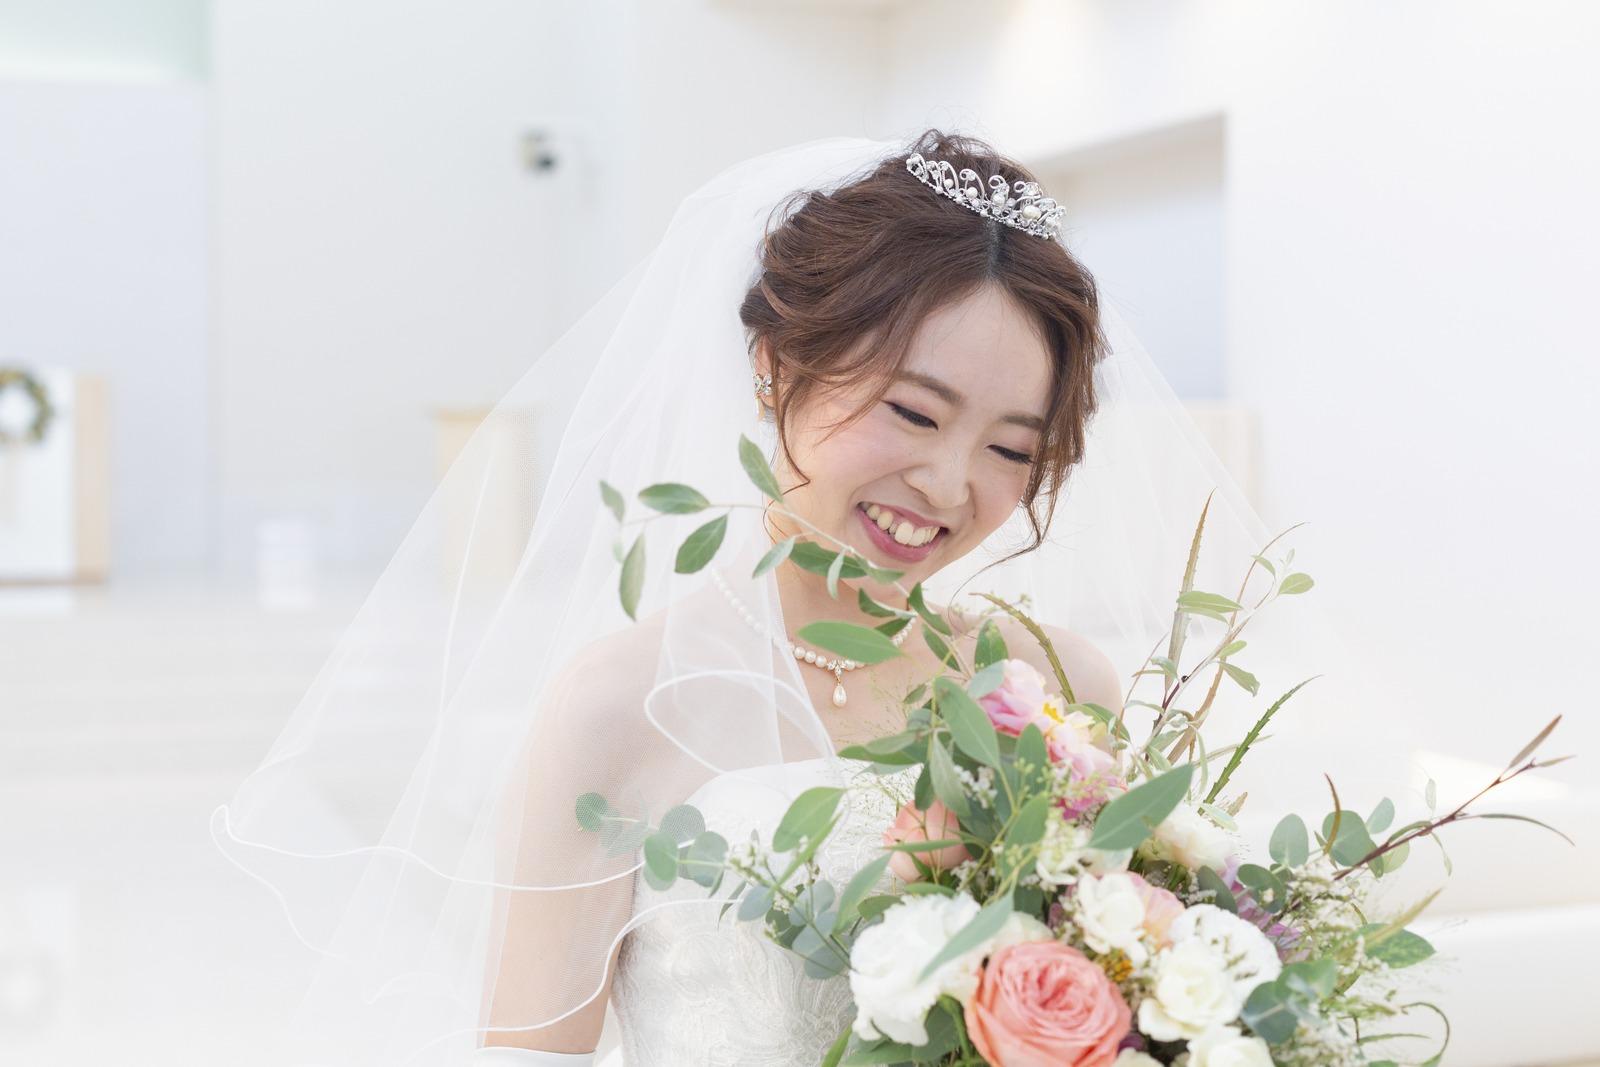 徳島市の結婚式場ブランアンジュでブーケを見てほほえむ新婦